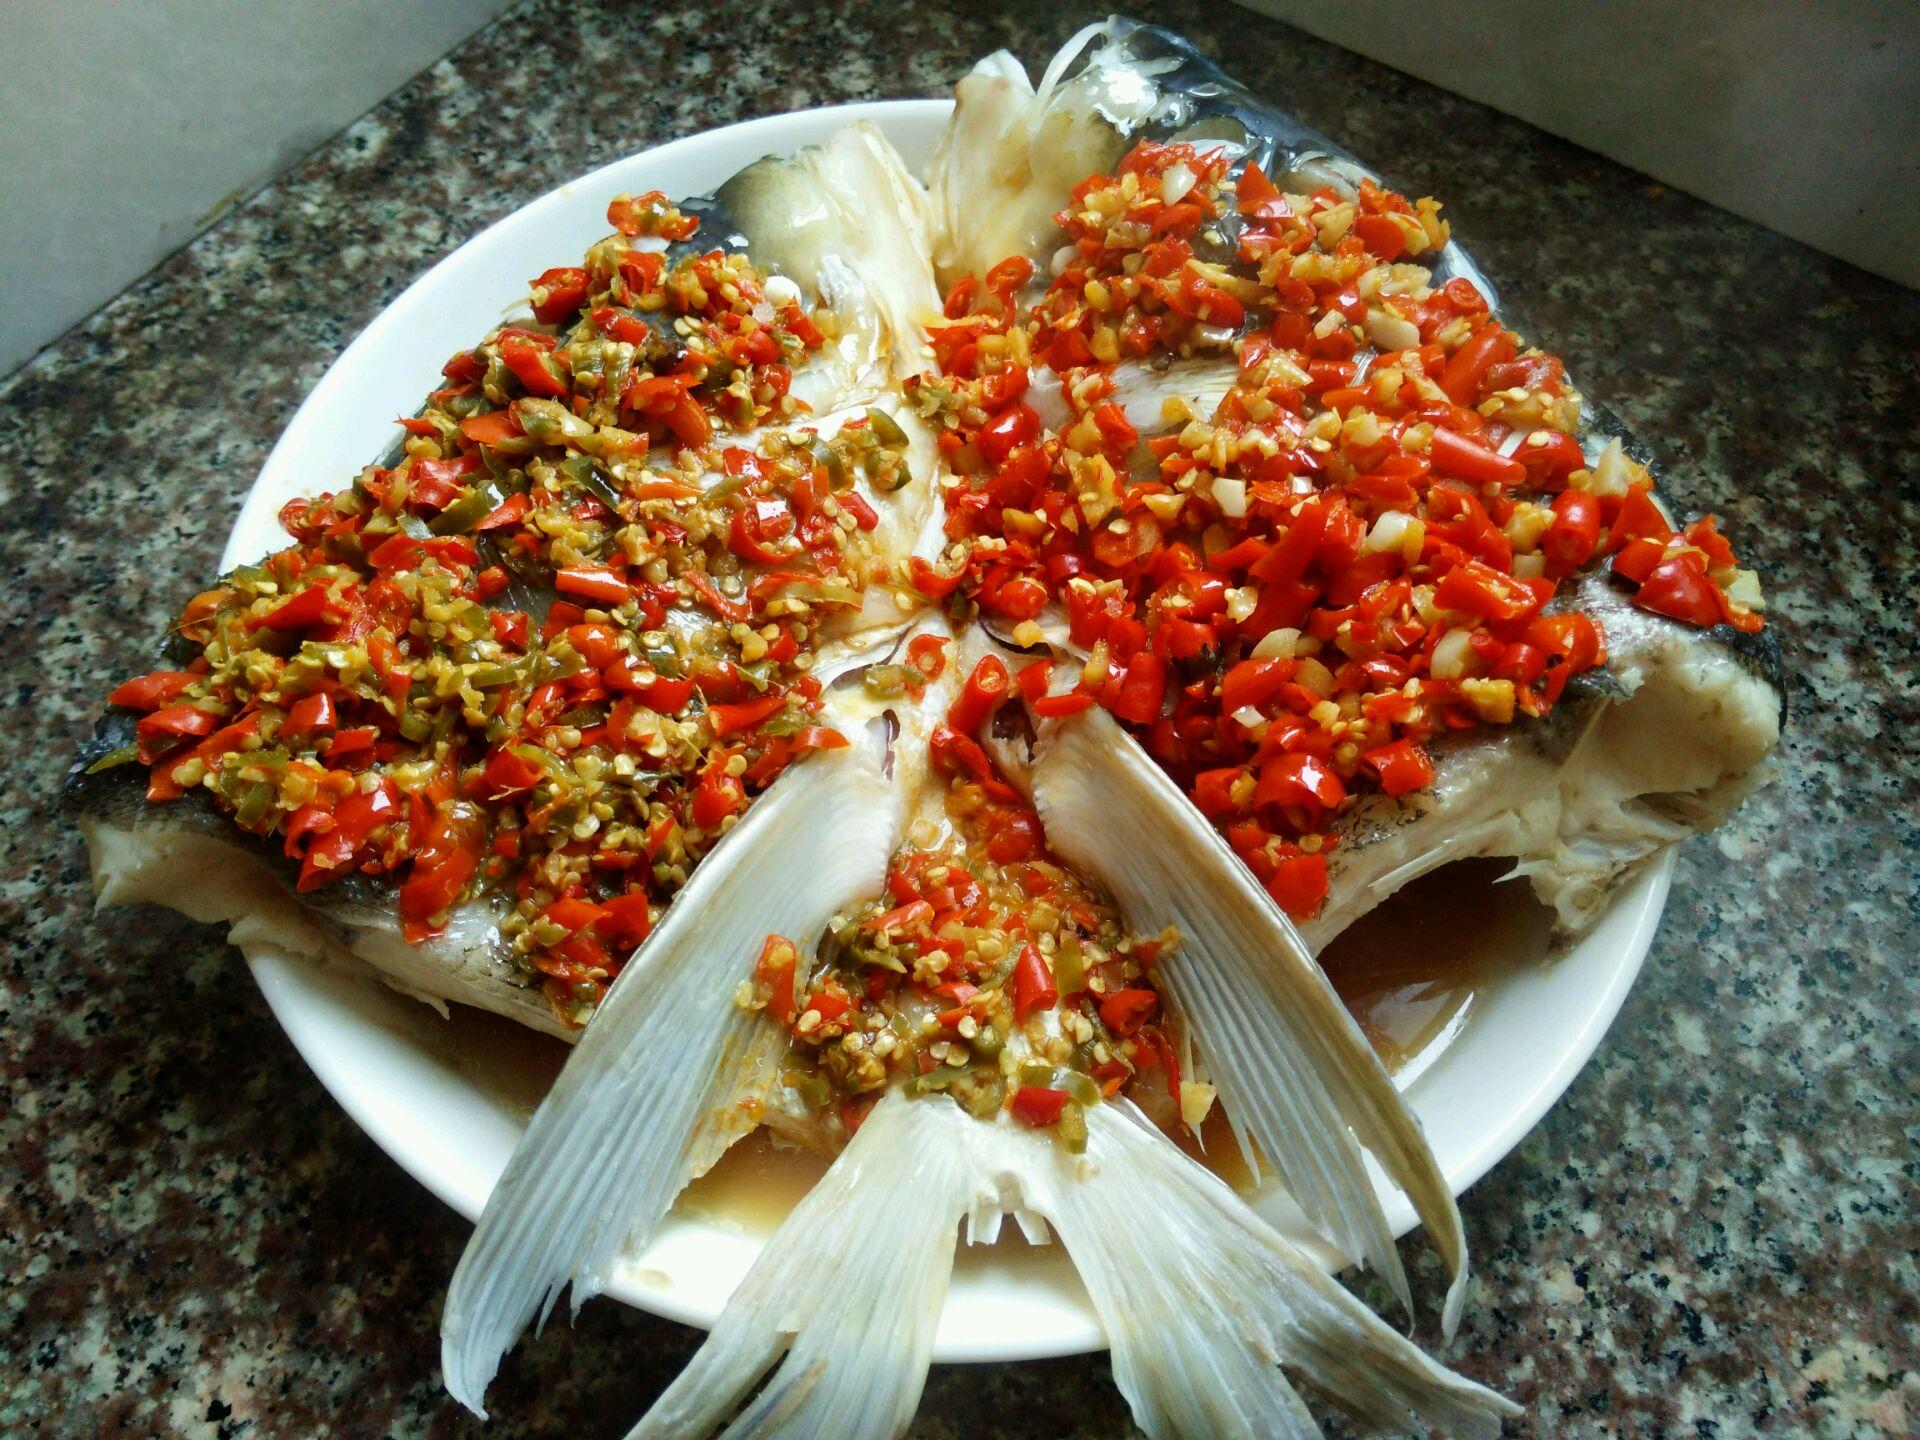 时间:10-30分钟       主料 胖头鱼鱼头1个 姜5片 自制剁辣椒半碗